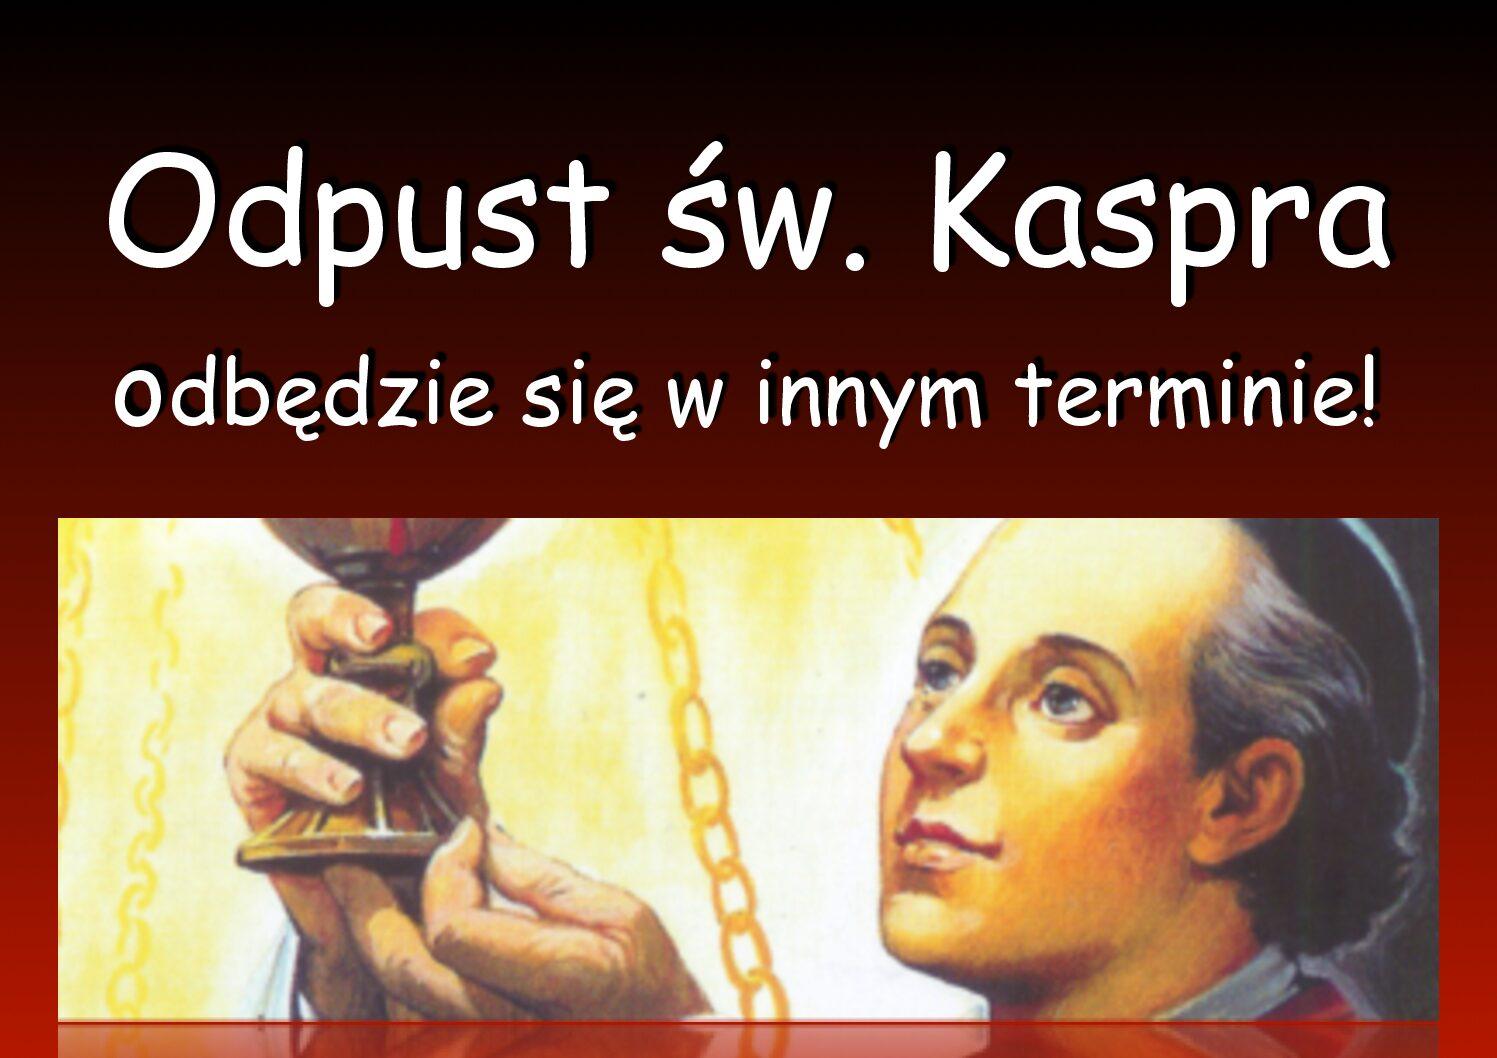 W związku zaktualną sytuacją epidemiczną zdecydowaliśmy się przenieść obchody odpustu św. Kaspra na inny termin, októrym wstosownym czasie poinformujemy. Wspólnota Domu św. Franciszka Ksawerego wOżarowie Maz. Podobne strony: Odpust św. […]